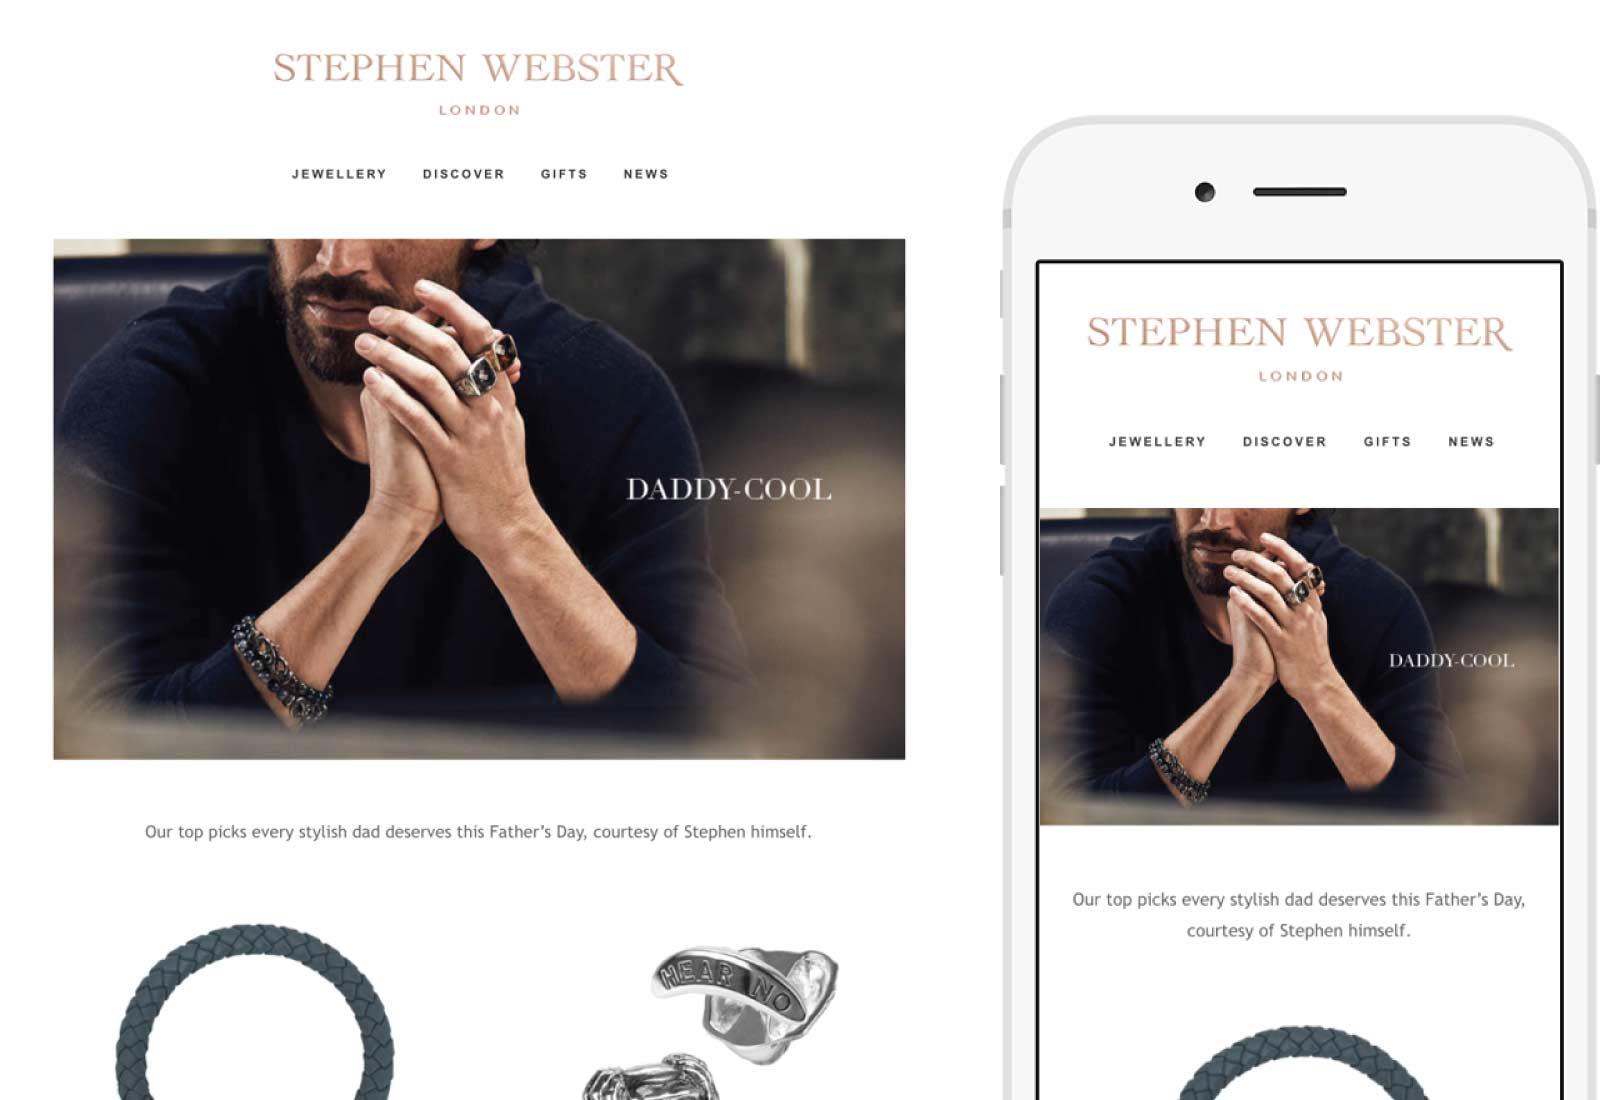 Stephen Webster Email